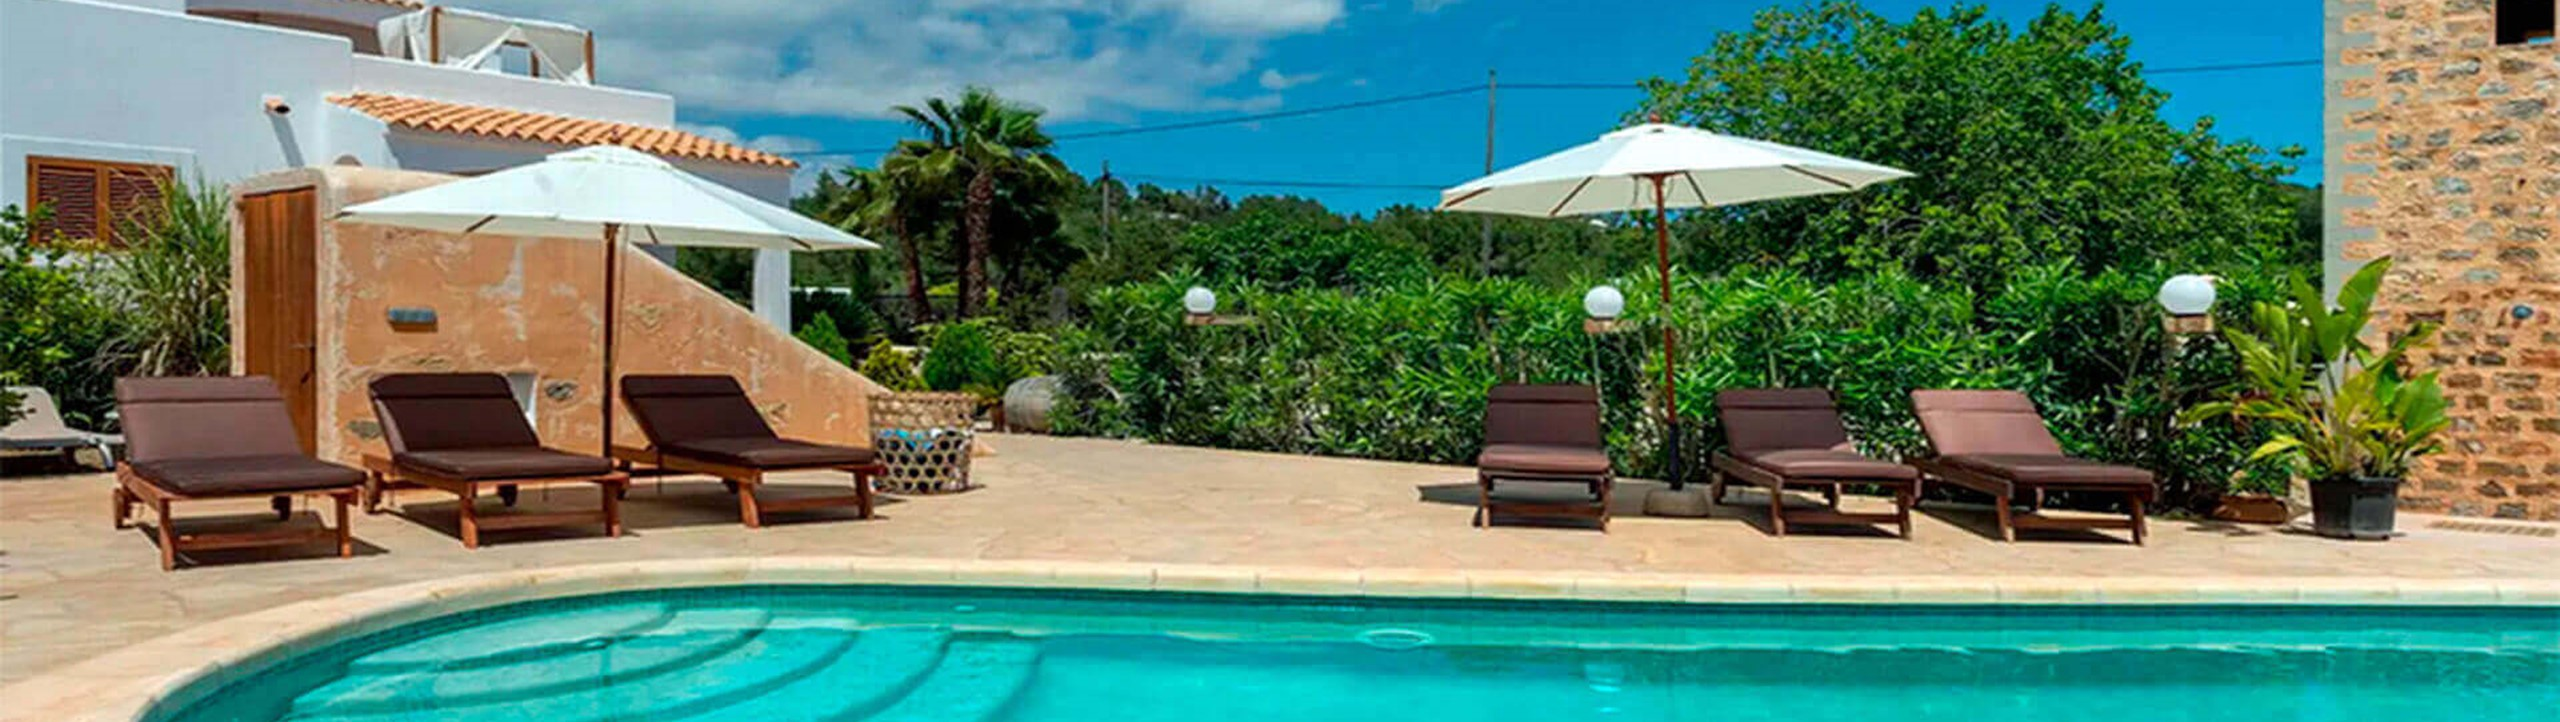 Villa Mussett Ibiza 1 Near Jesus Ibiza Town